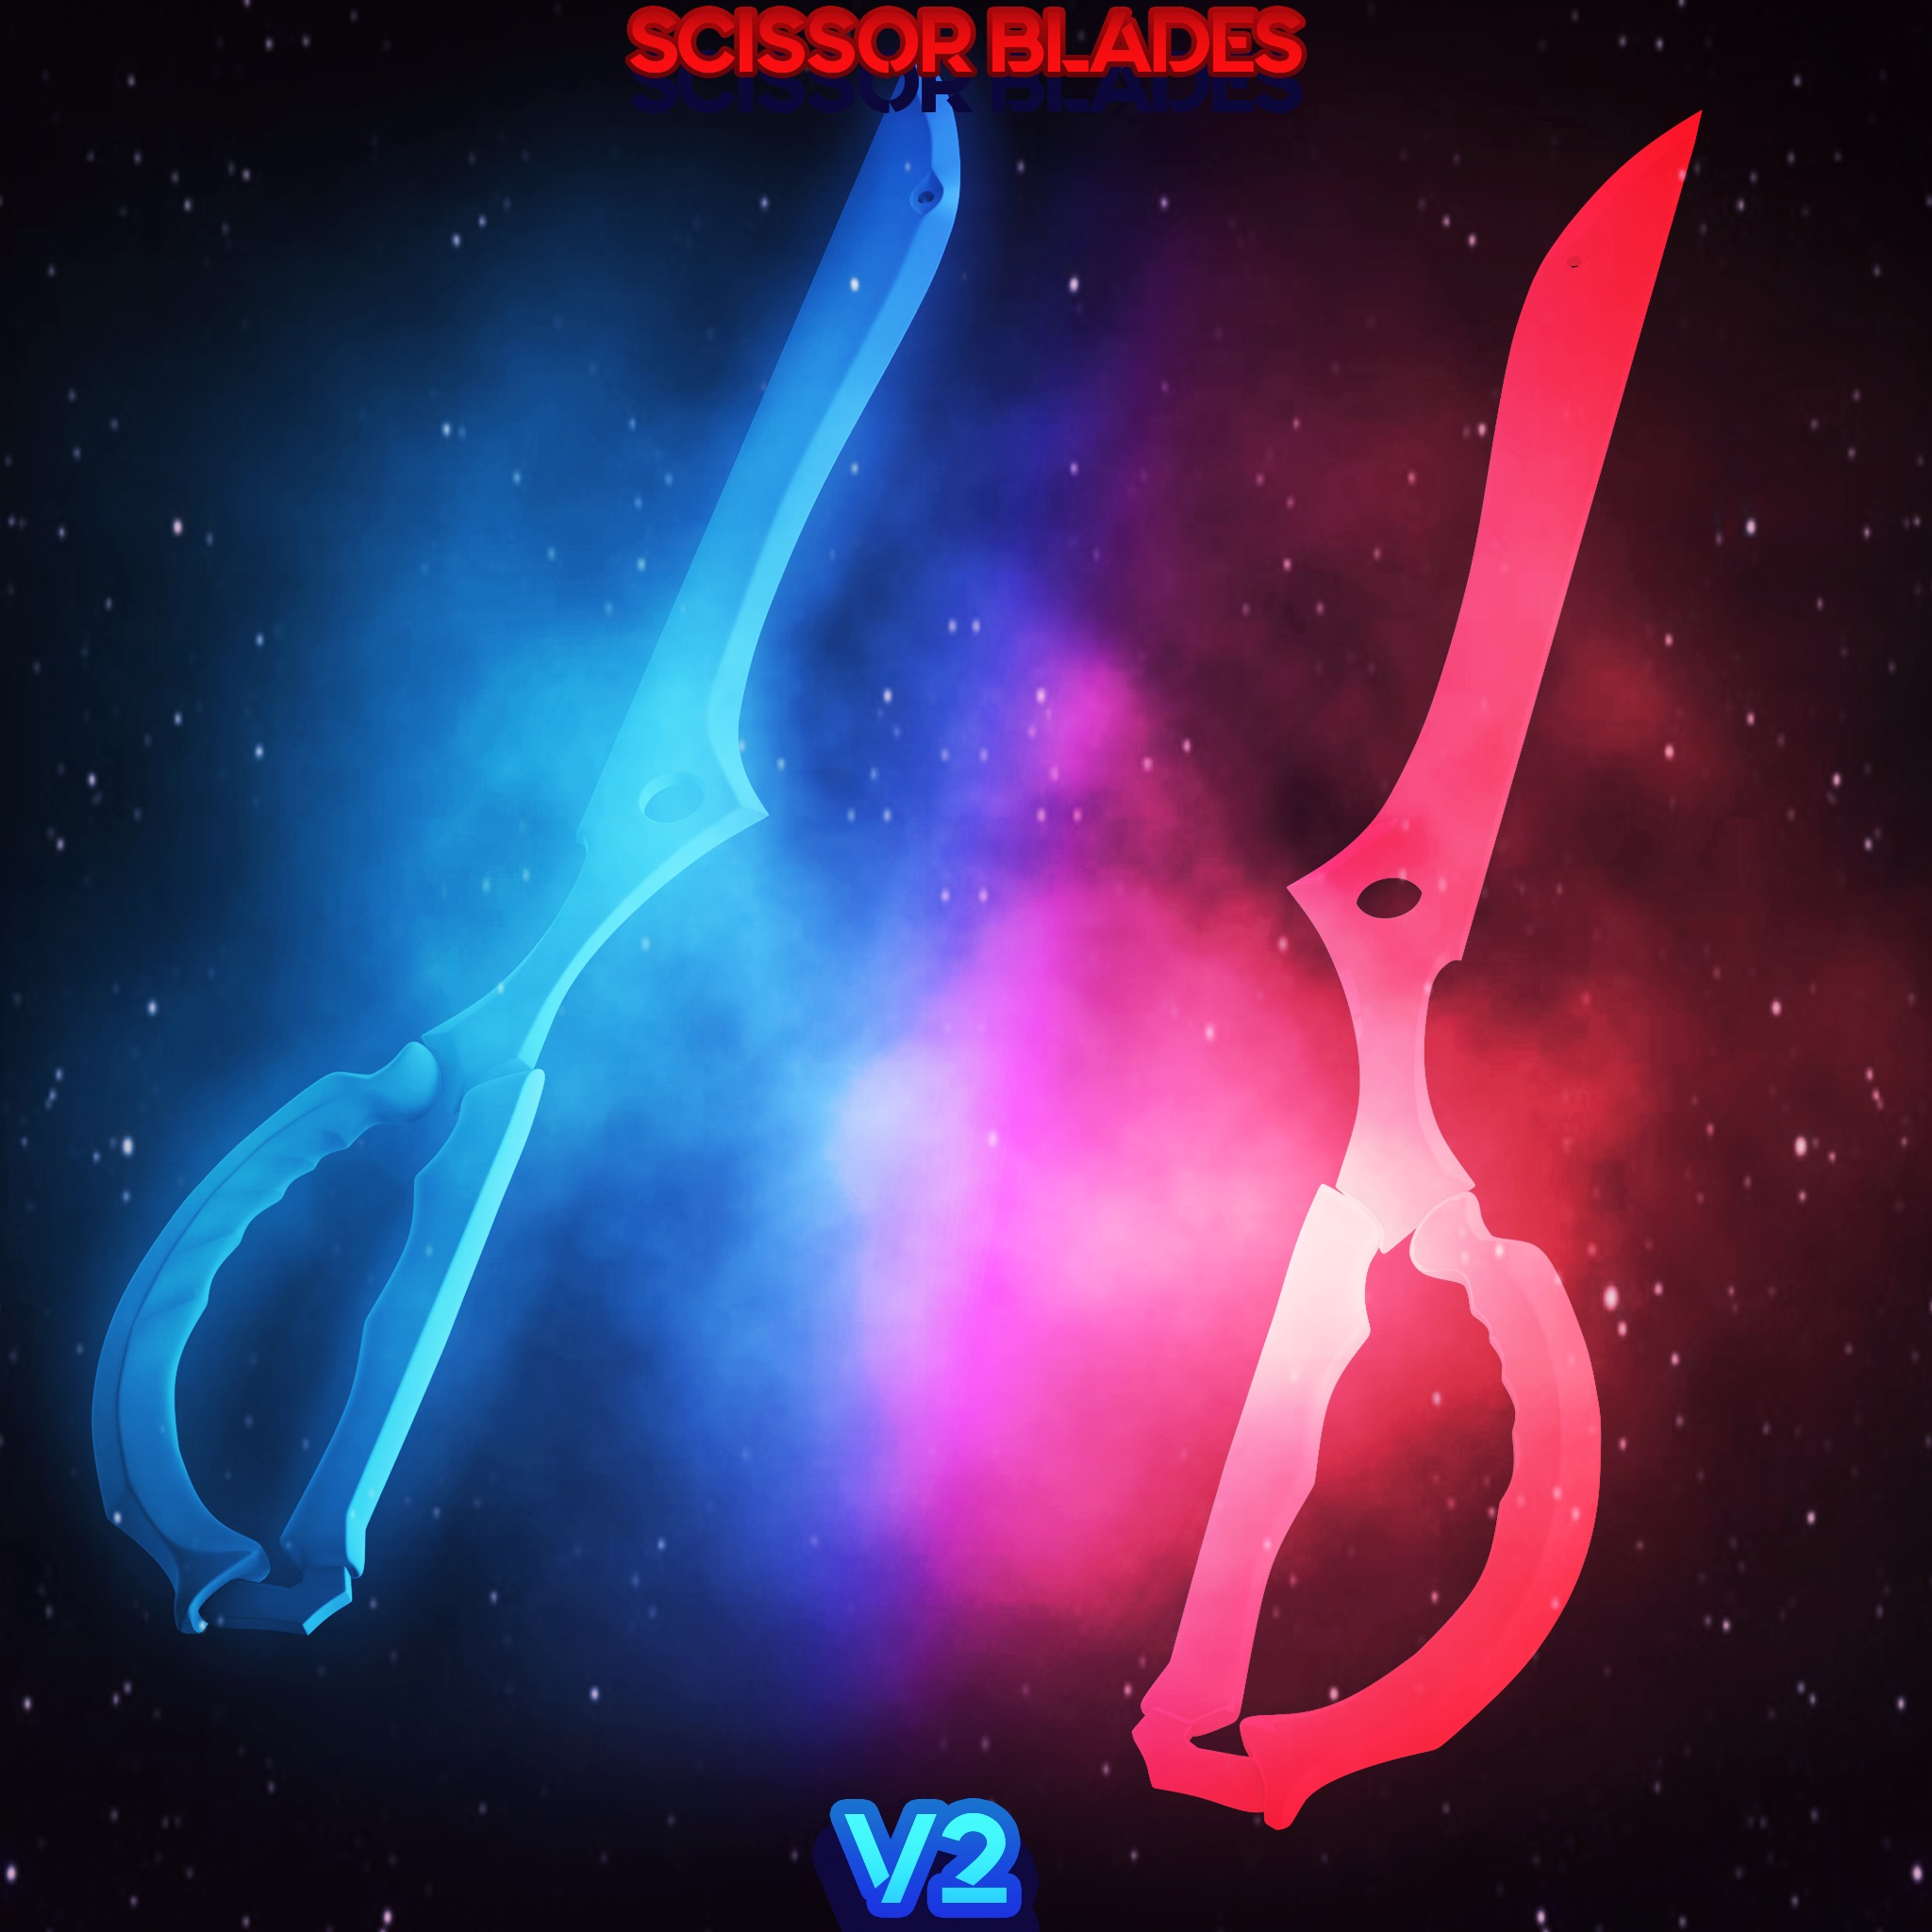 Scissor Blades V2